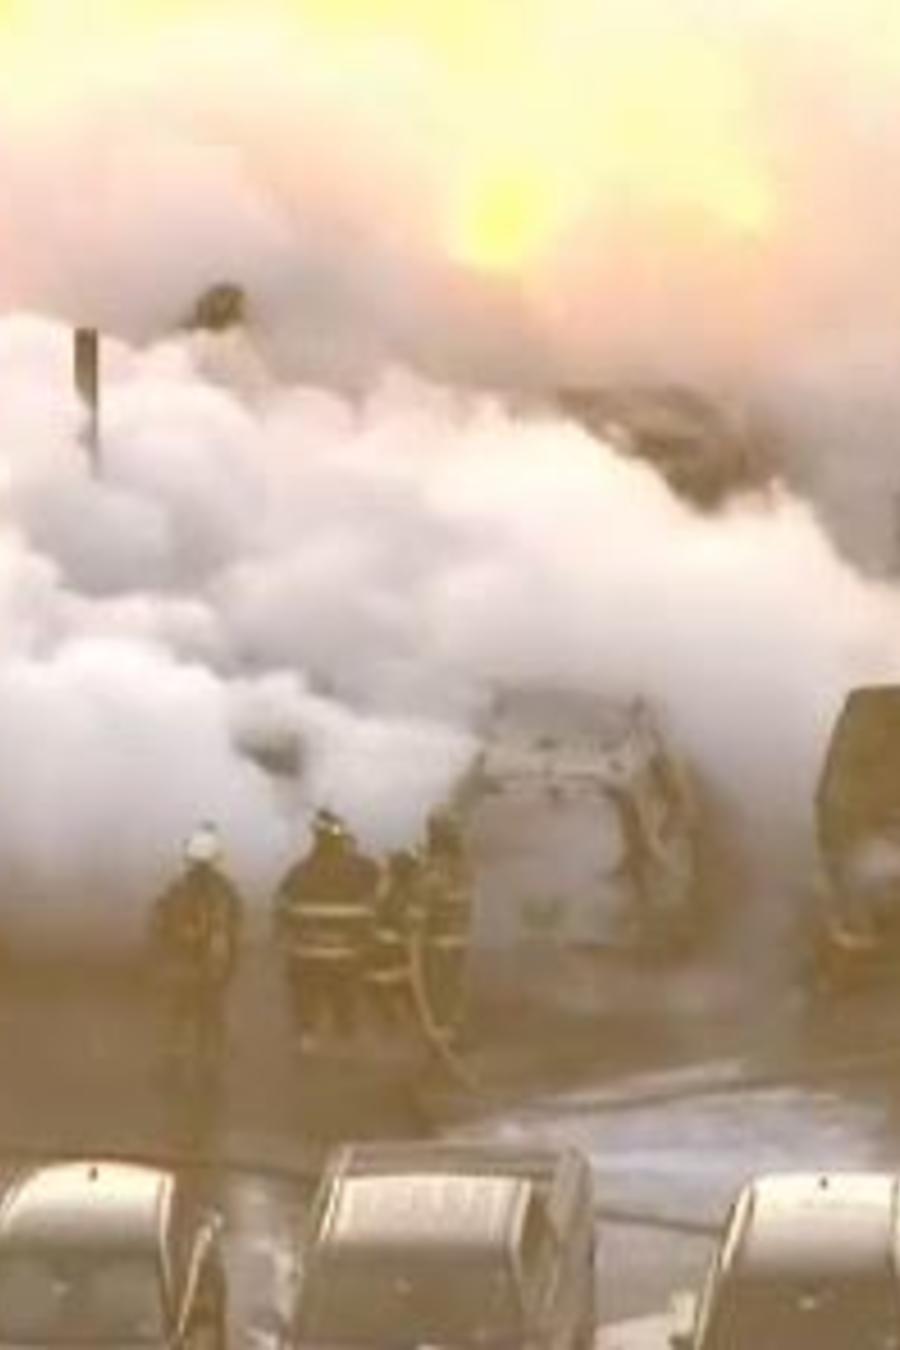 Incendio en estacionamiento de autos del aeropuerto de Newark